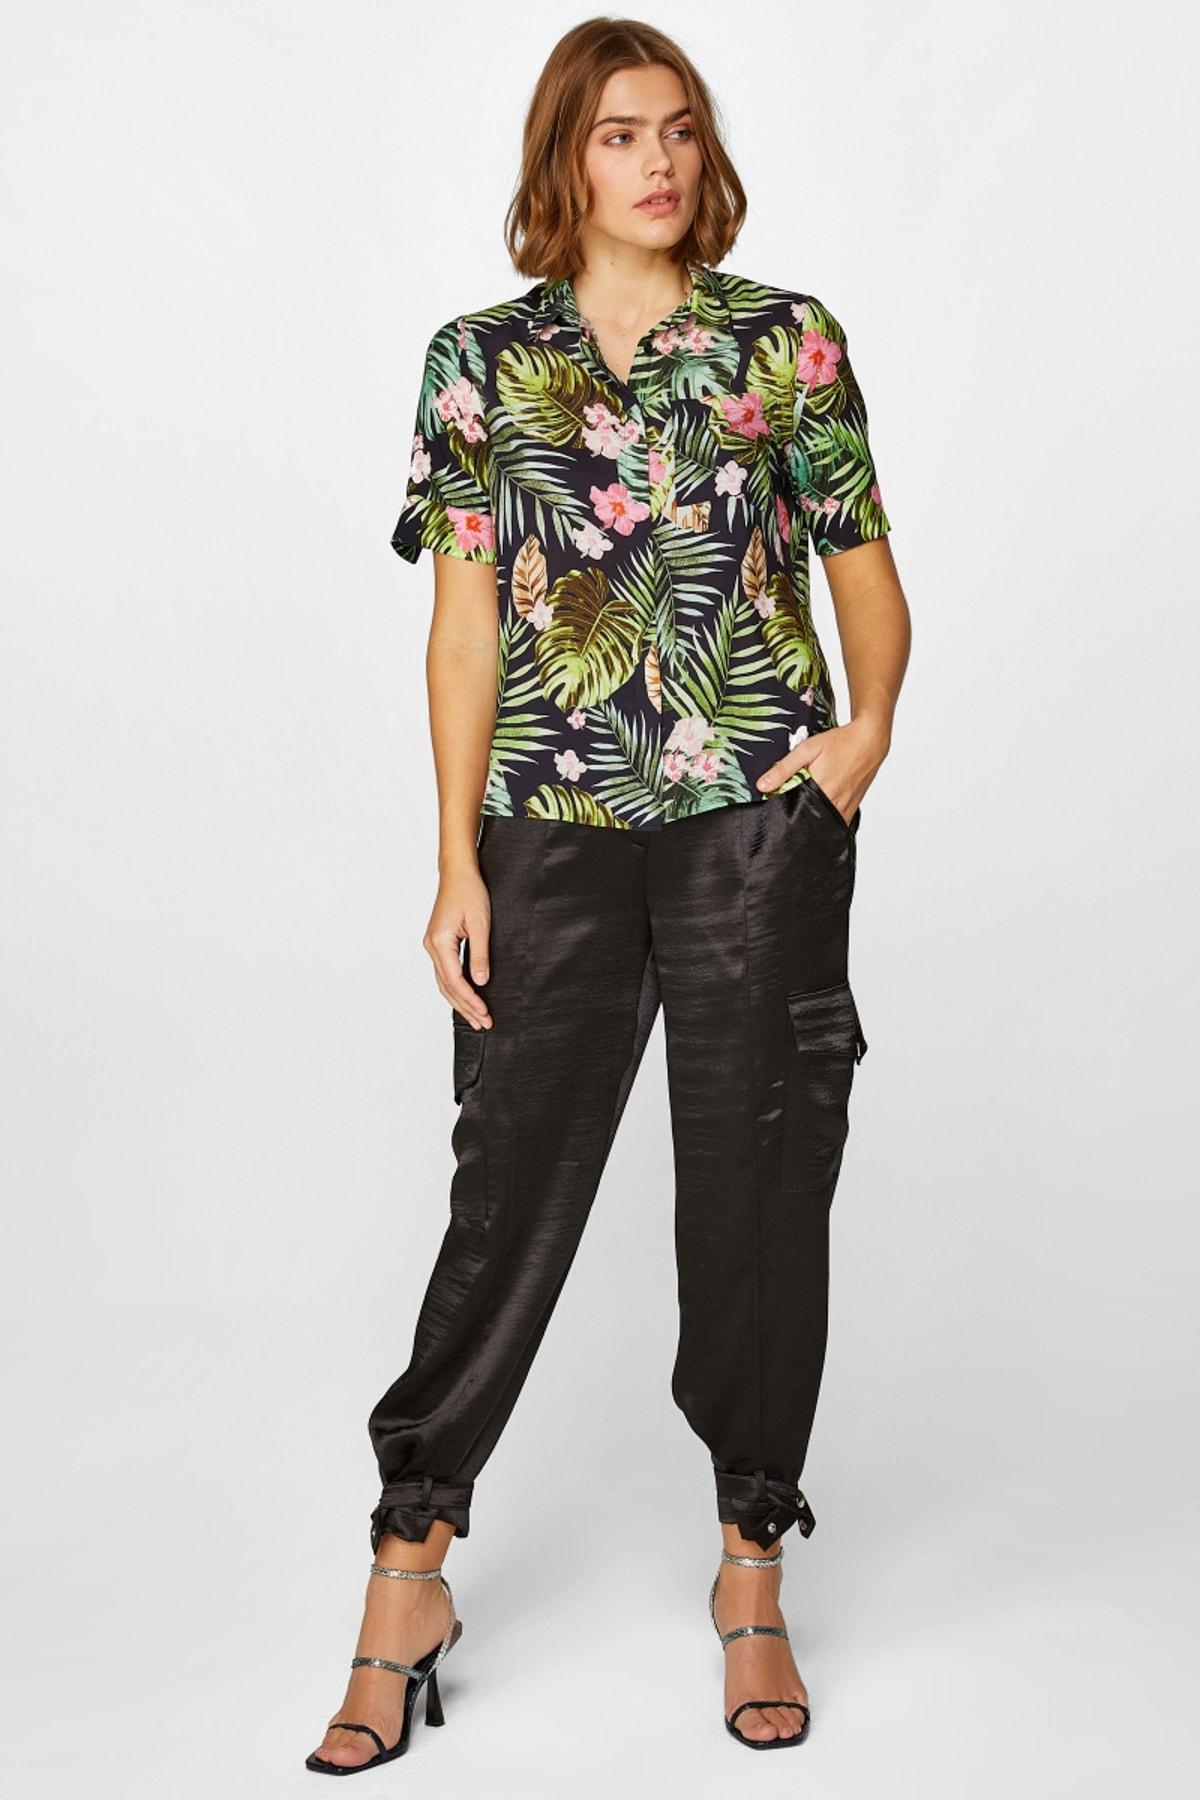 Faik Sönmez Kadın Siyah Tropik Desenli kısa kollu Gömlek 60358 U60358 1